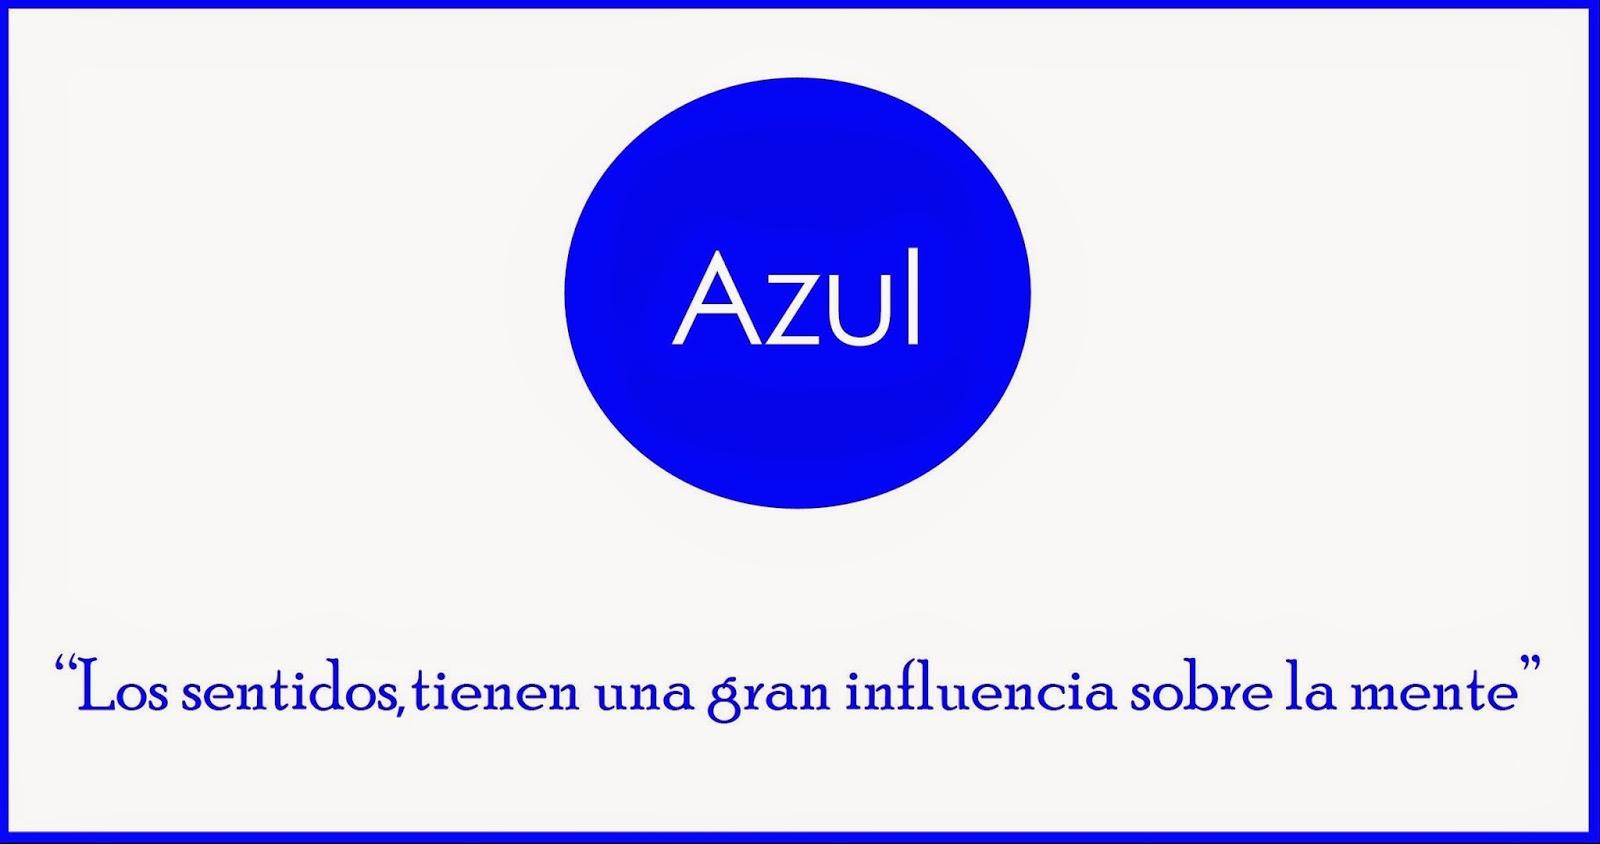 ¿Por qué el AZUL, en nuestro logotipo?